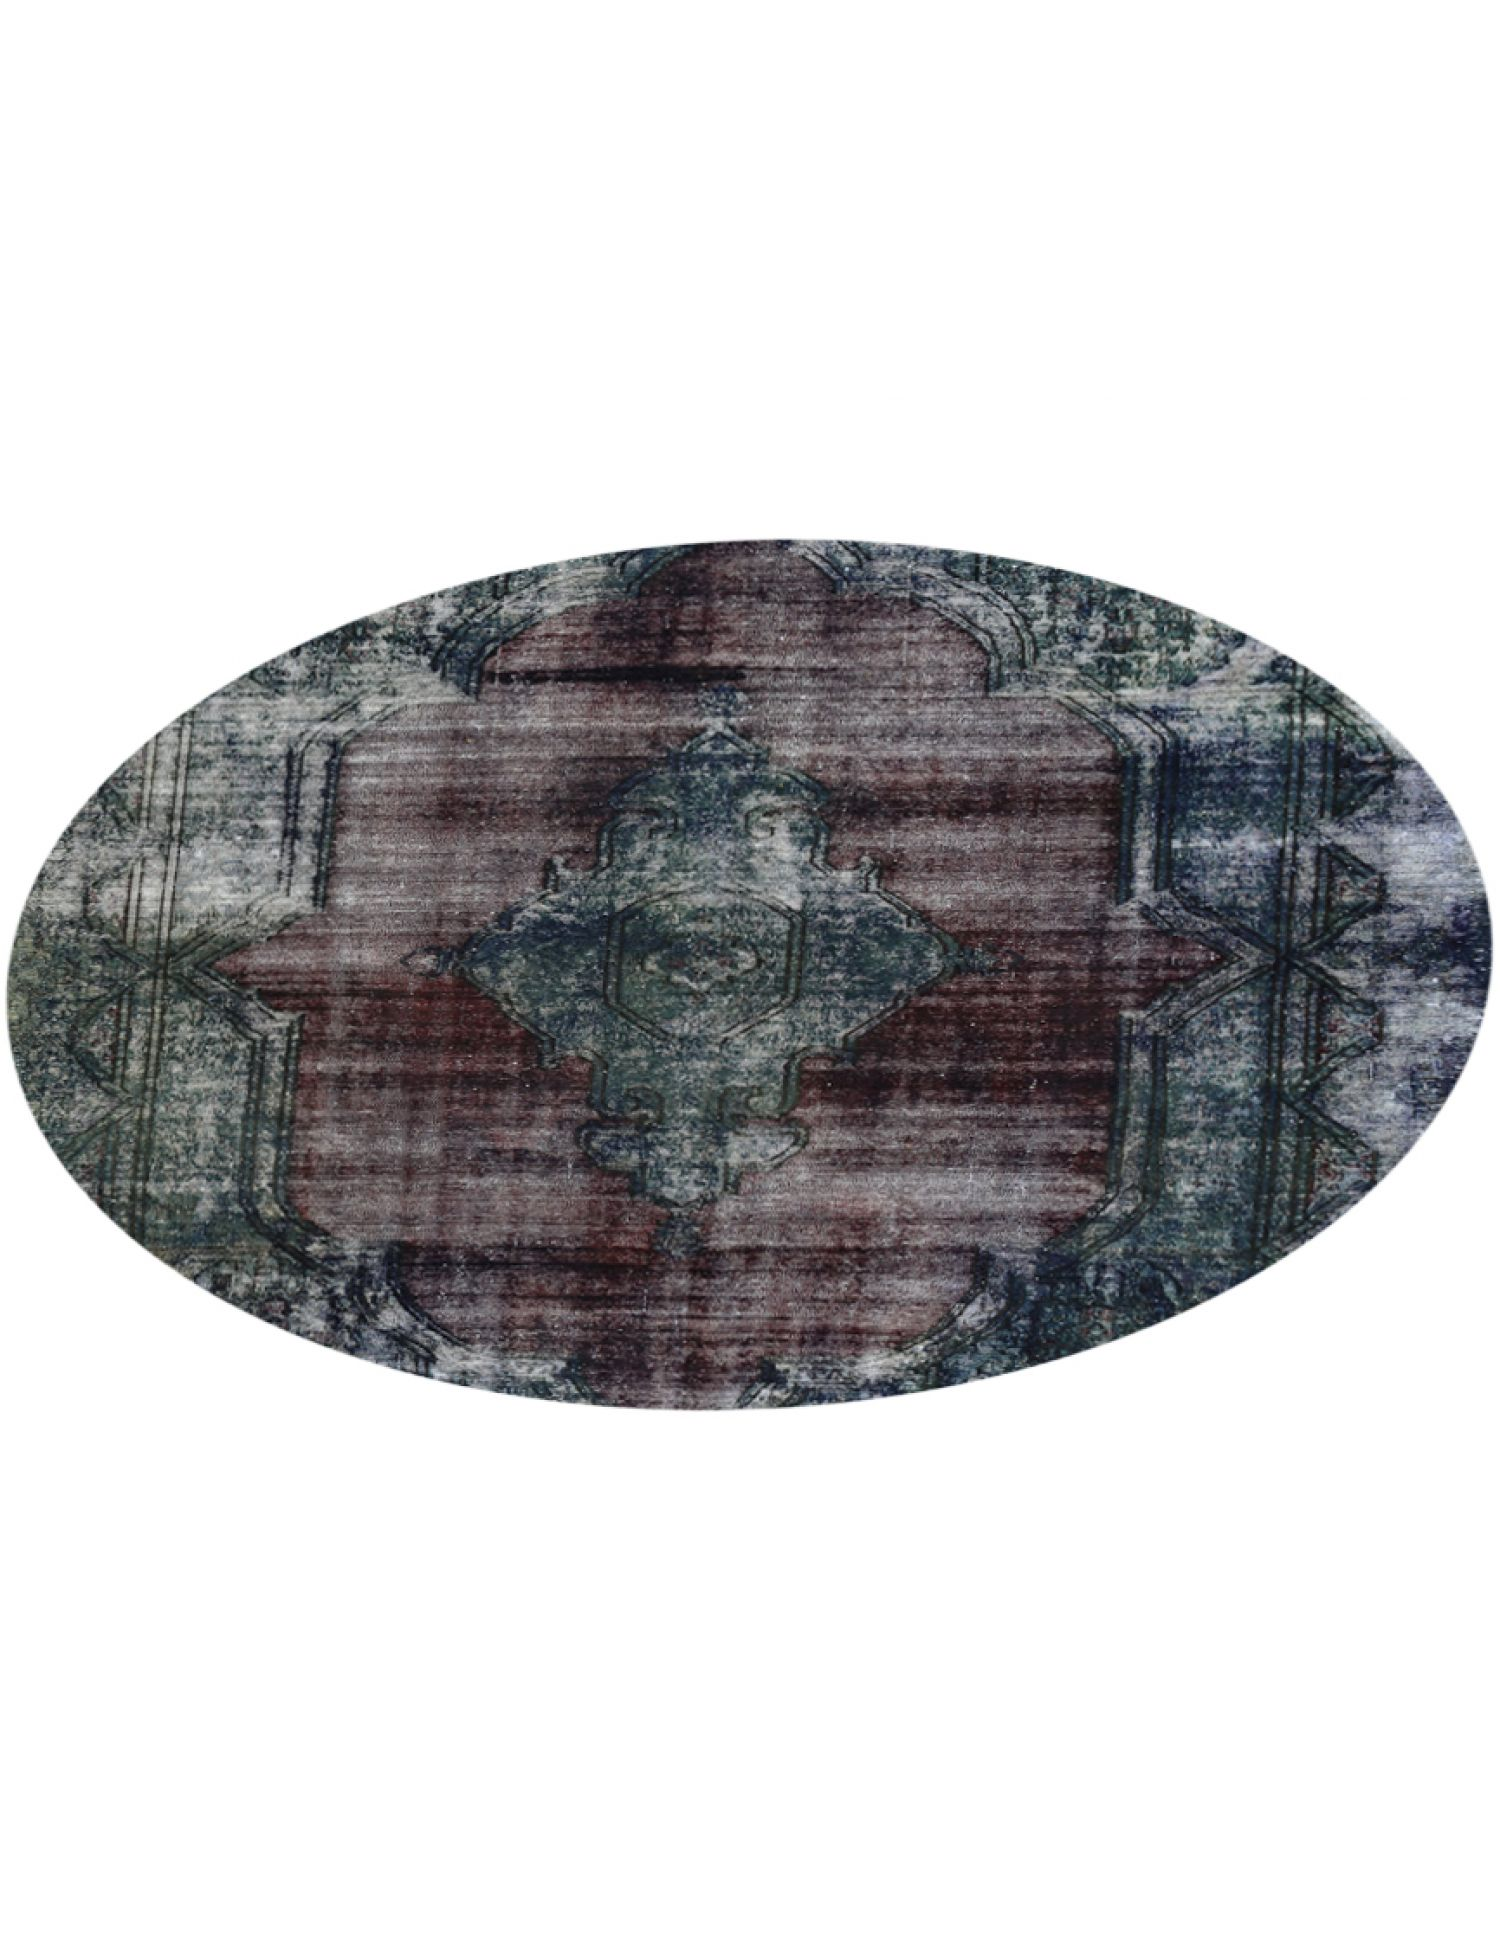 Vintage Teppich rund  grün <br/>274 x 274 cm